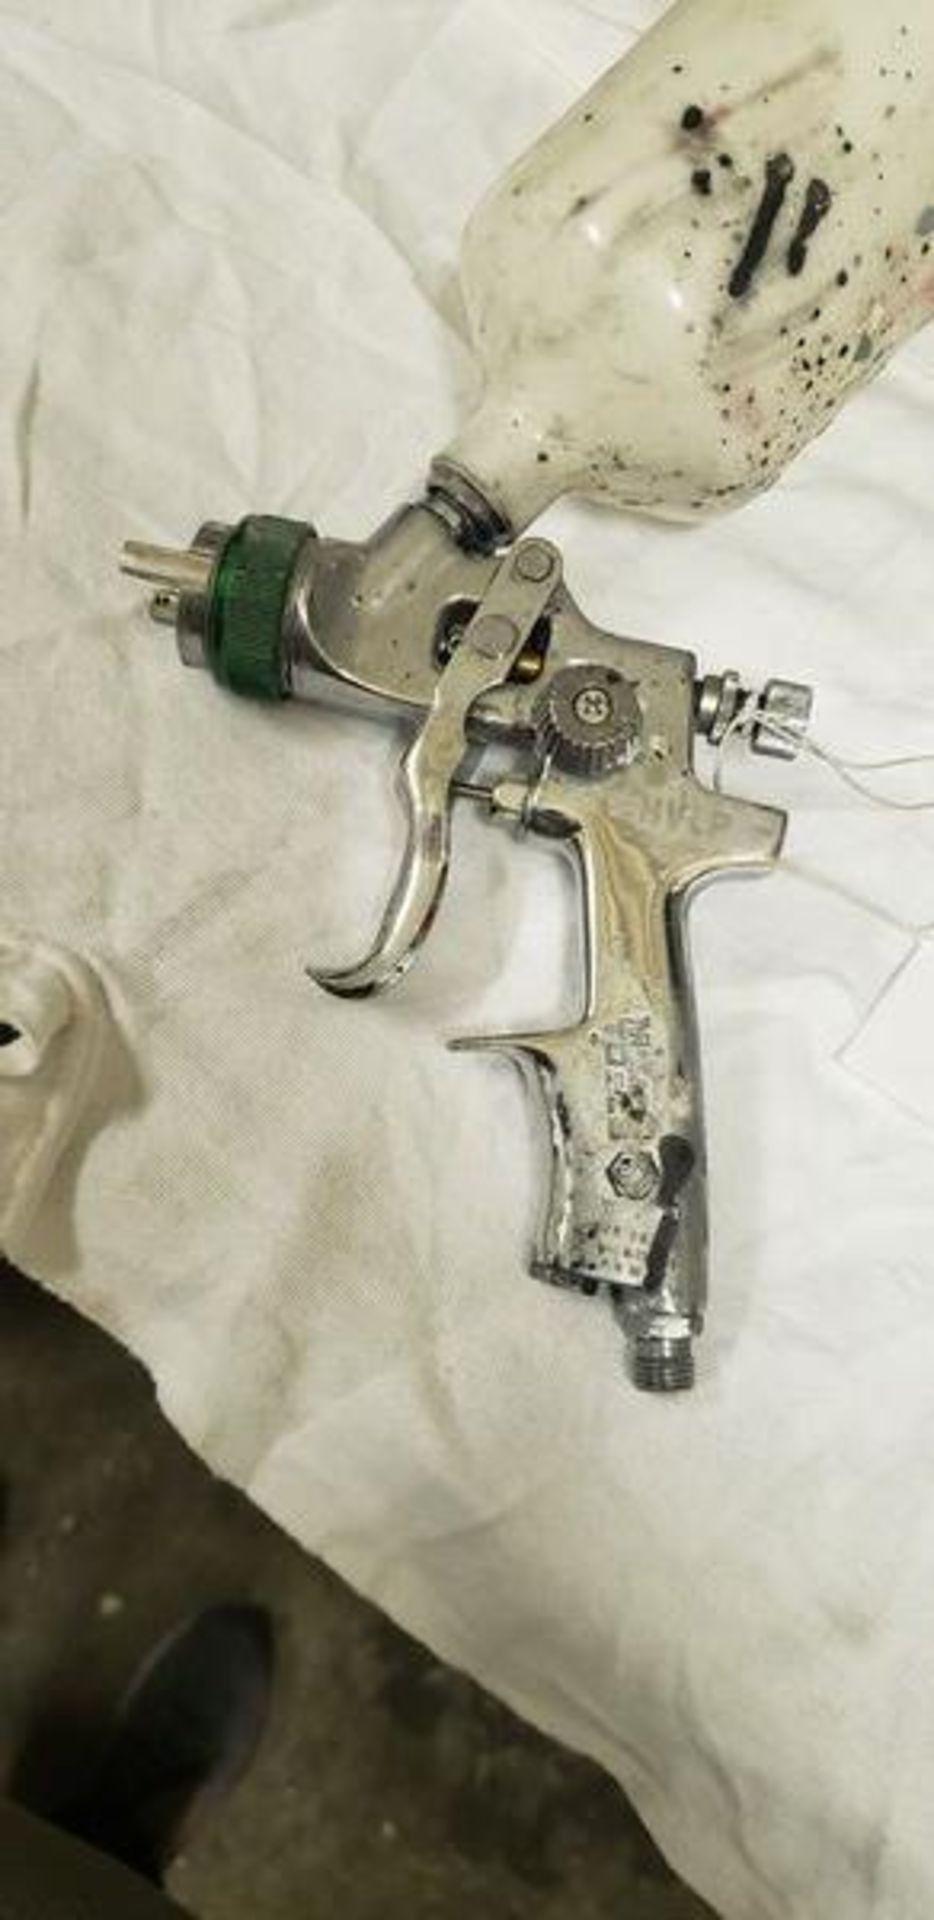 MATCO HVLP SPRAY GUN - Image 3 of 3